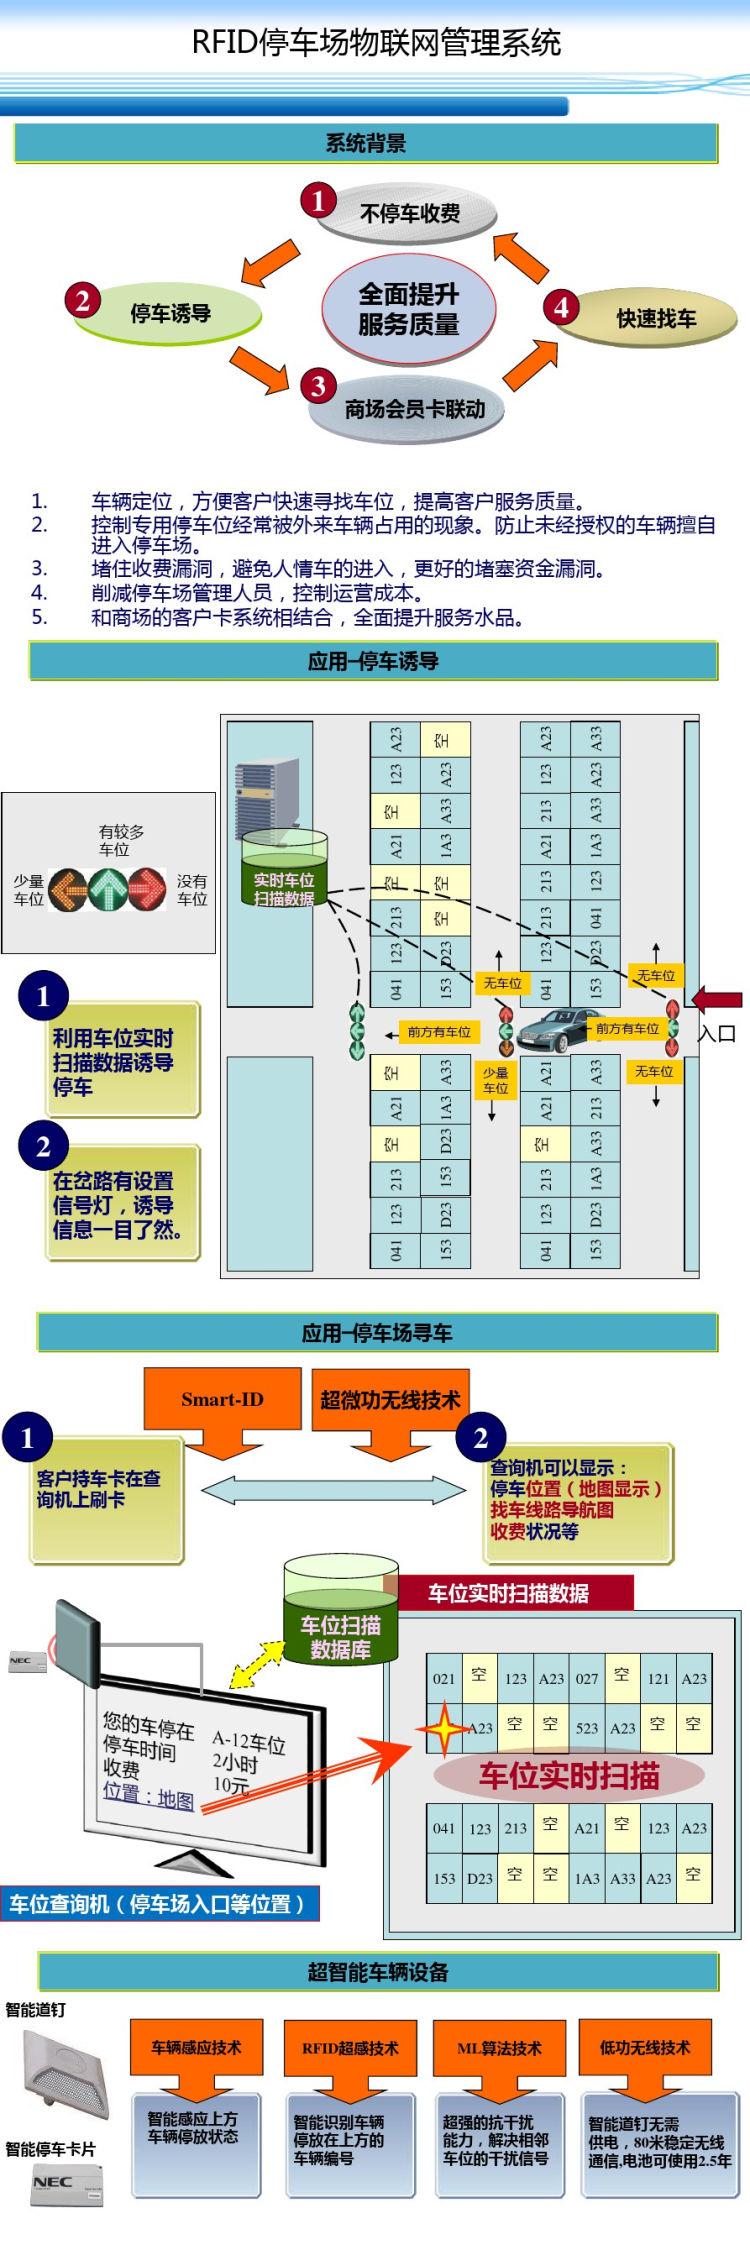 RFID停车场物联网系统宣传PPT